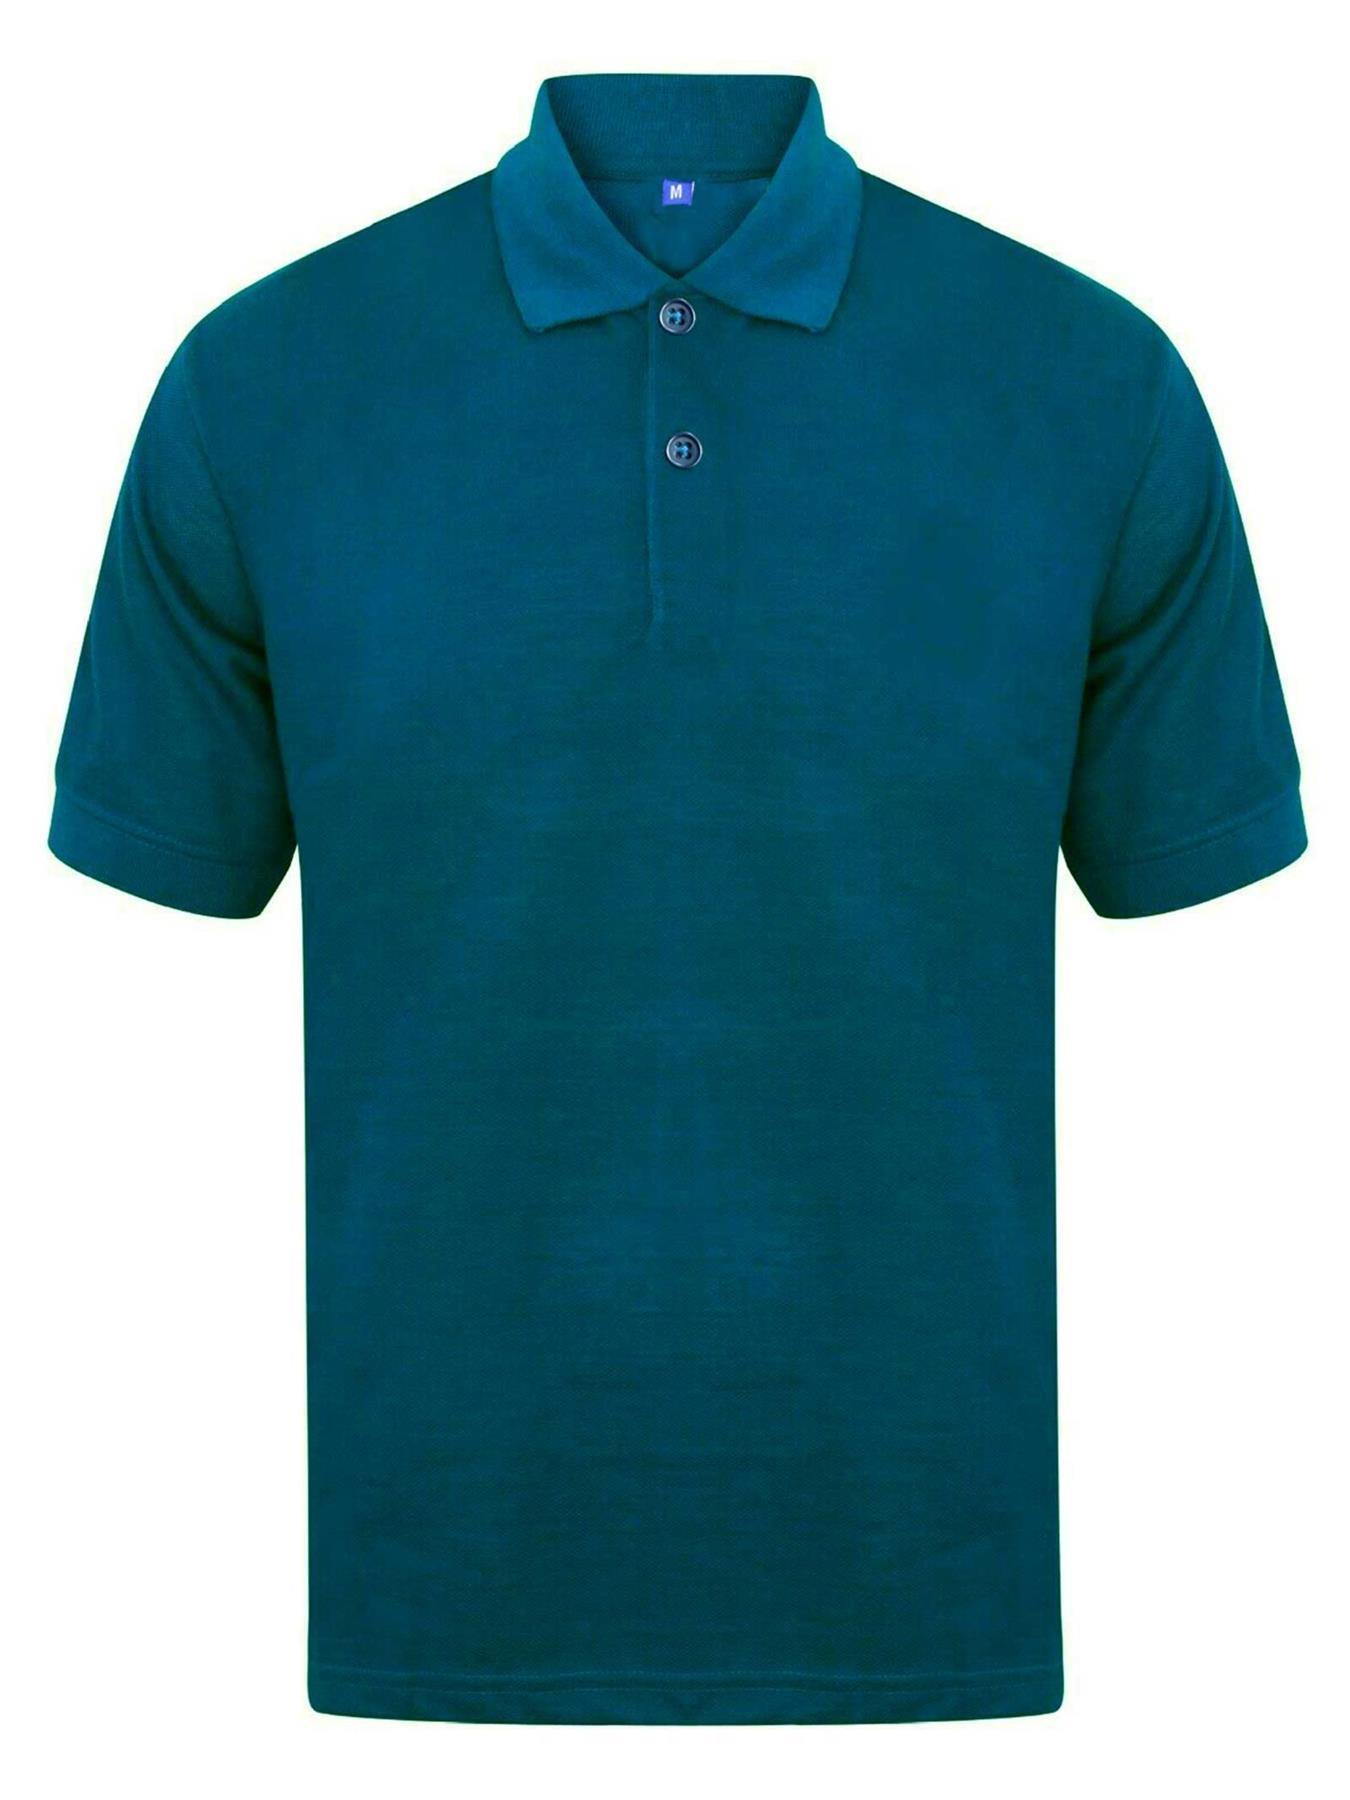 Indexbild 35 - Herren Polohemd Freizeit T-Shirts Neu Schlicht Kurzärmeliges Regular Fit